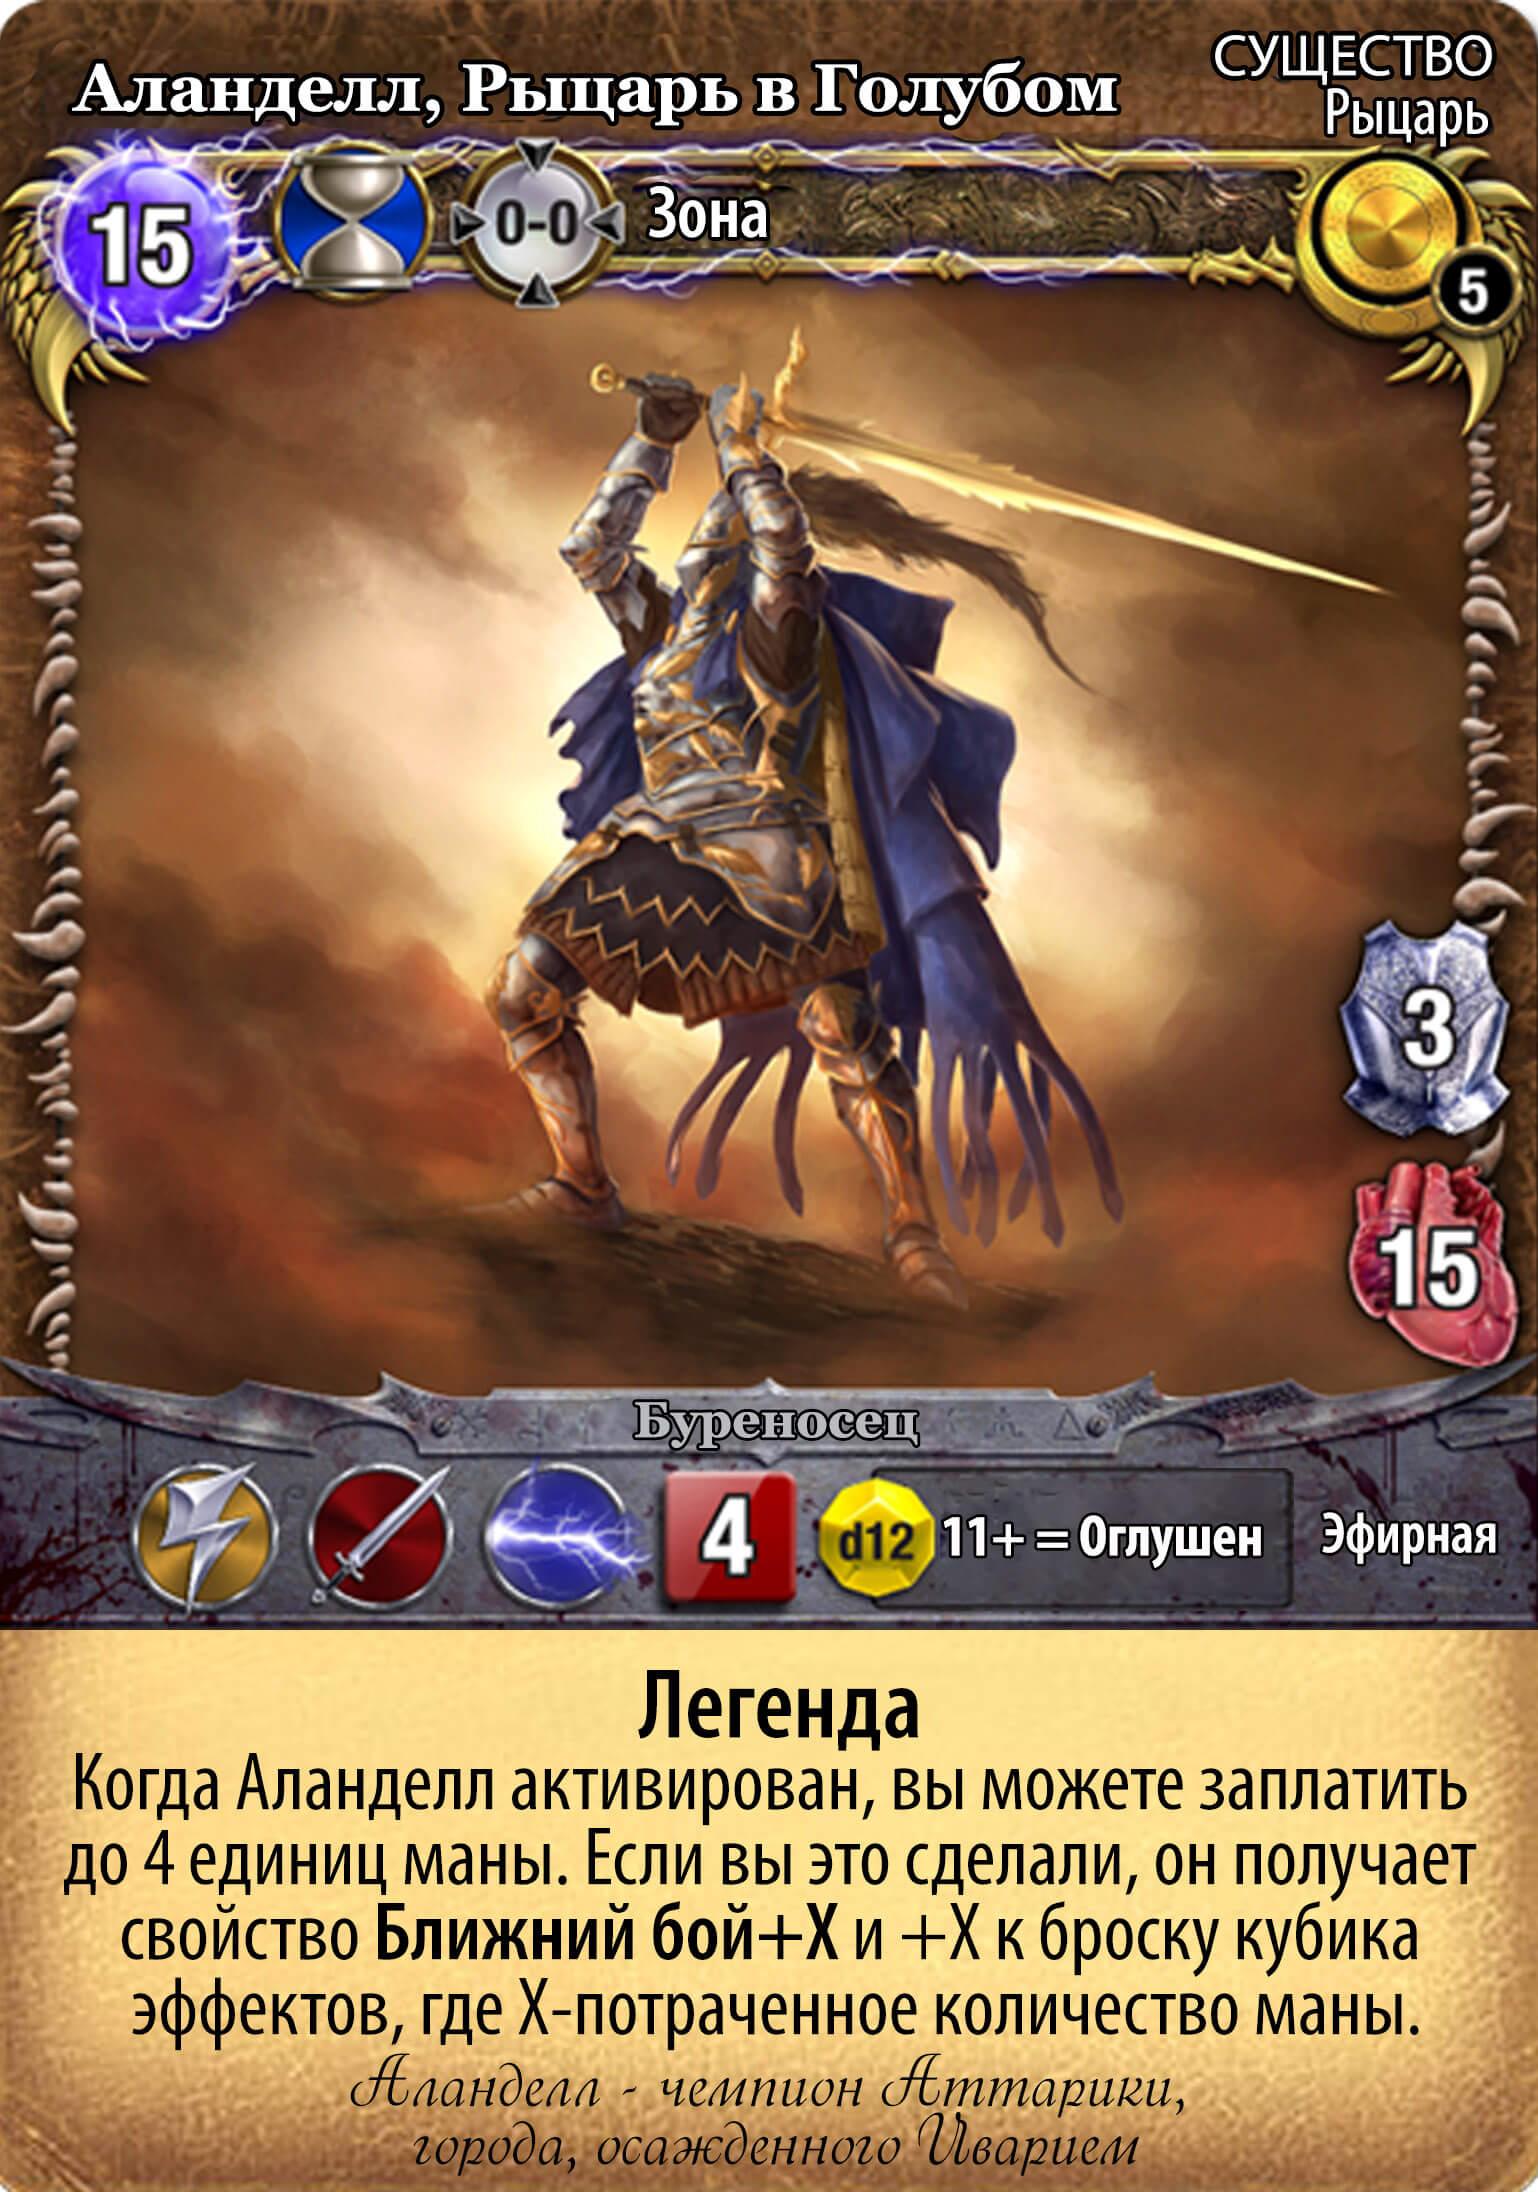 Аланделл, Рыцарь в Голубом